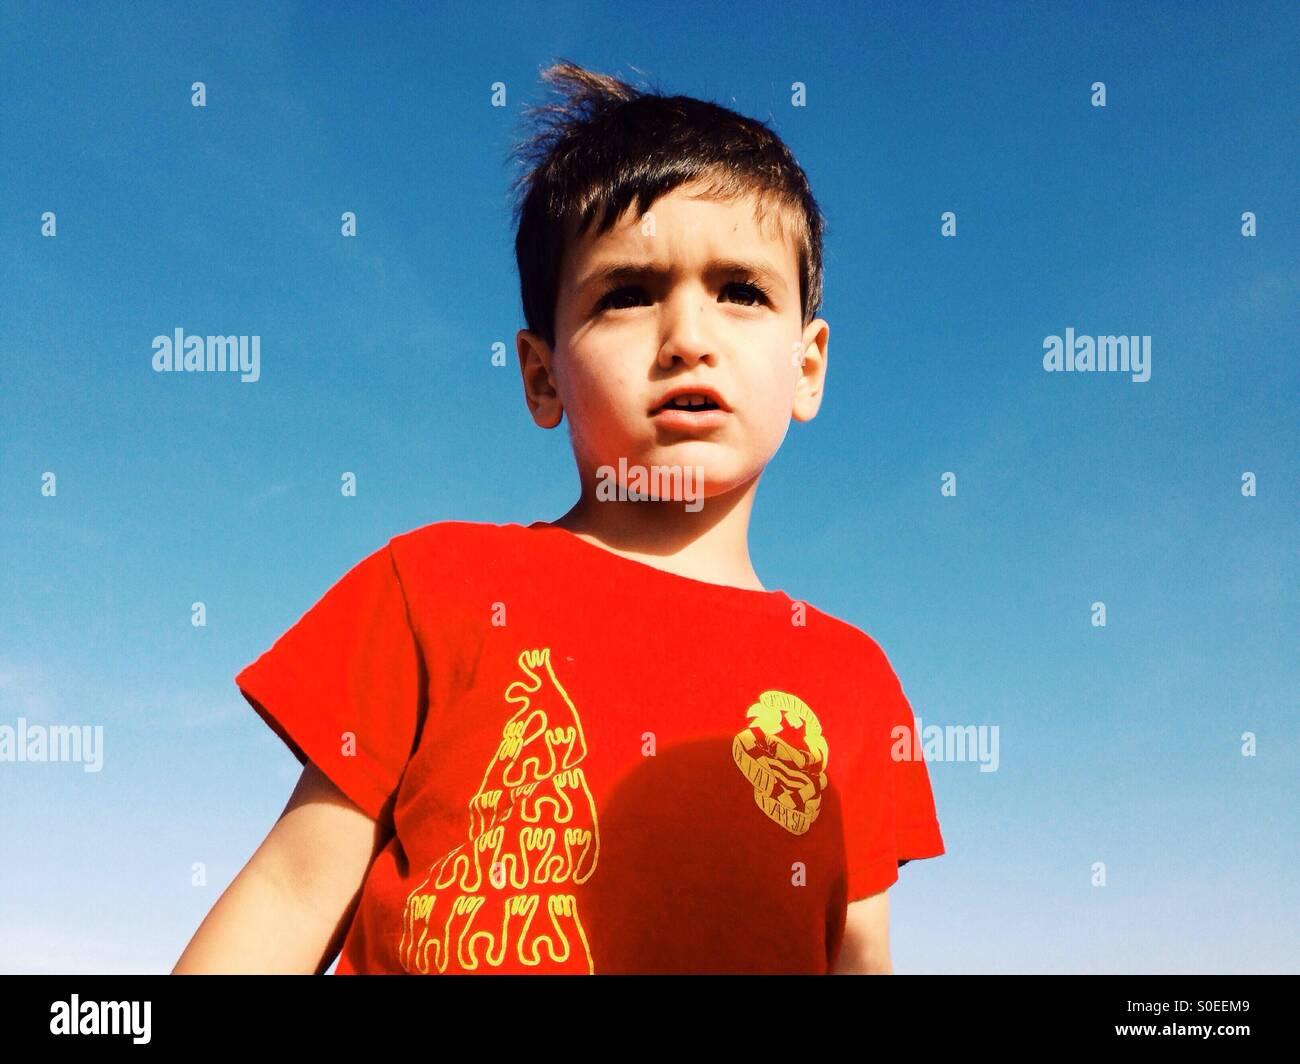 Tre anni ragazzo in una t-shirt rossa Immagini Stock